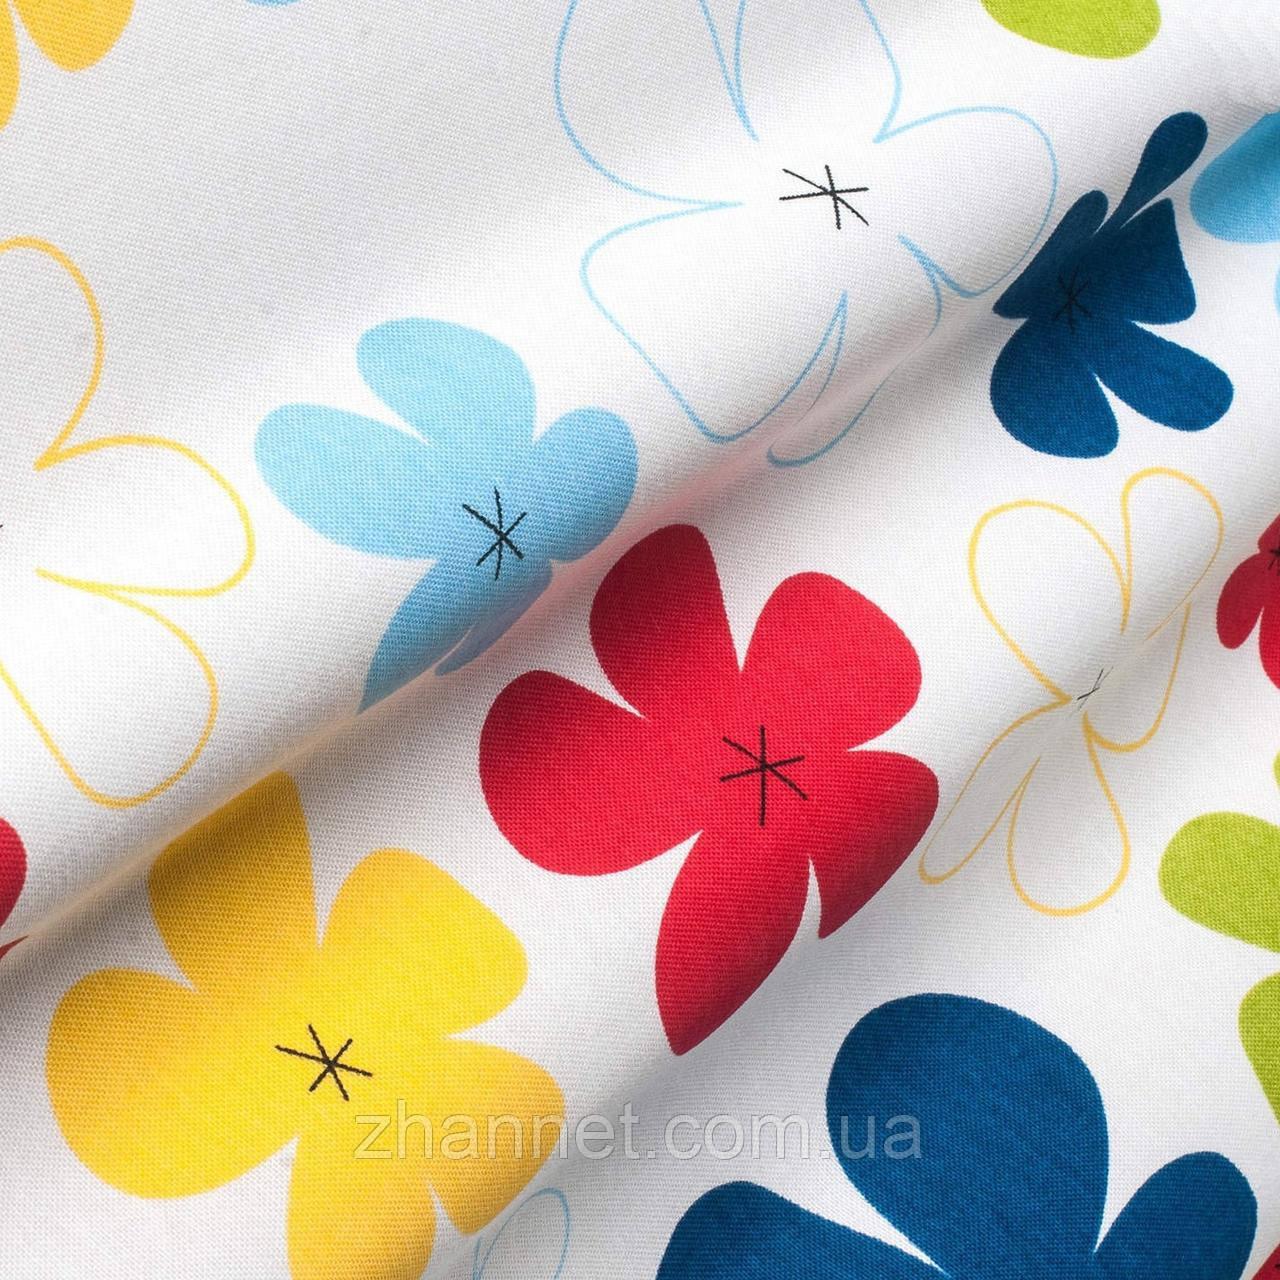 Тканина для штор Eliza мультиколор 180 см (07078129)